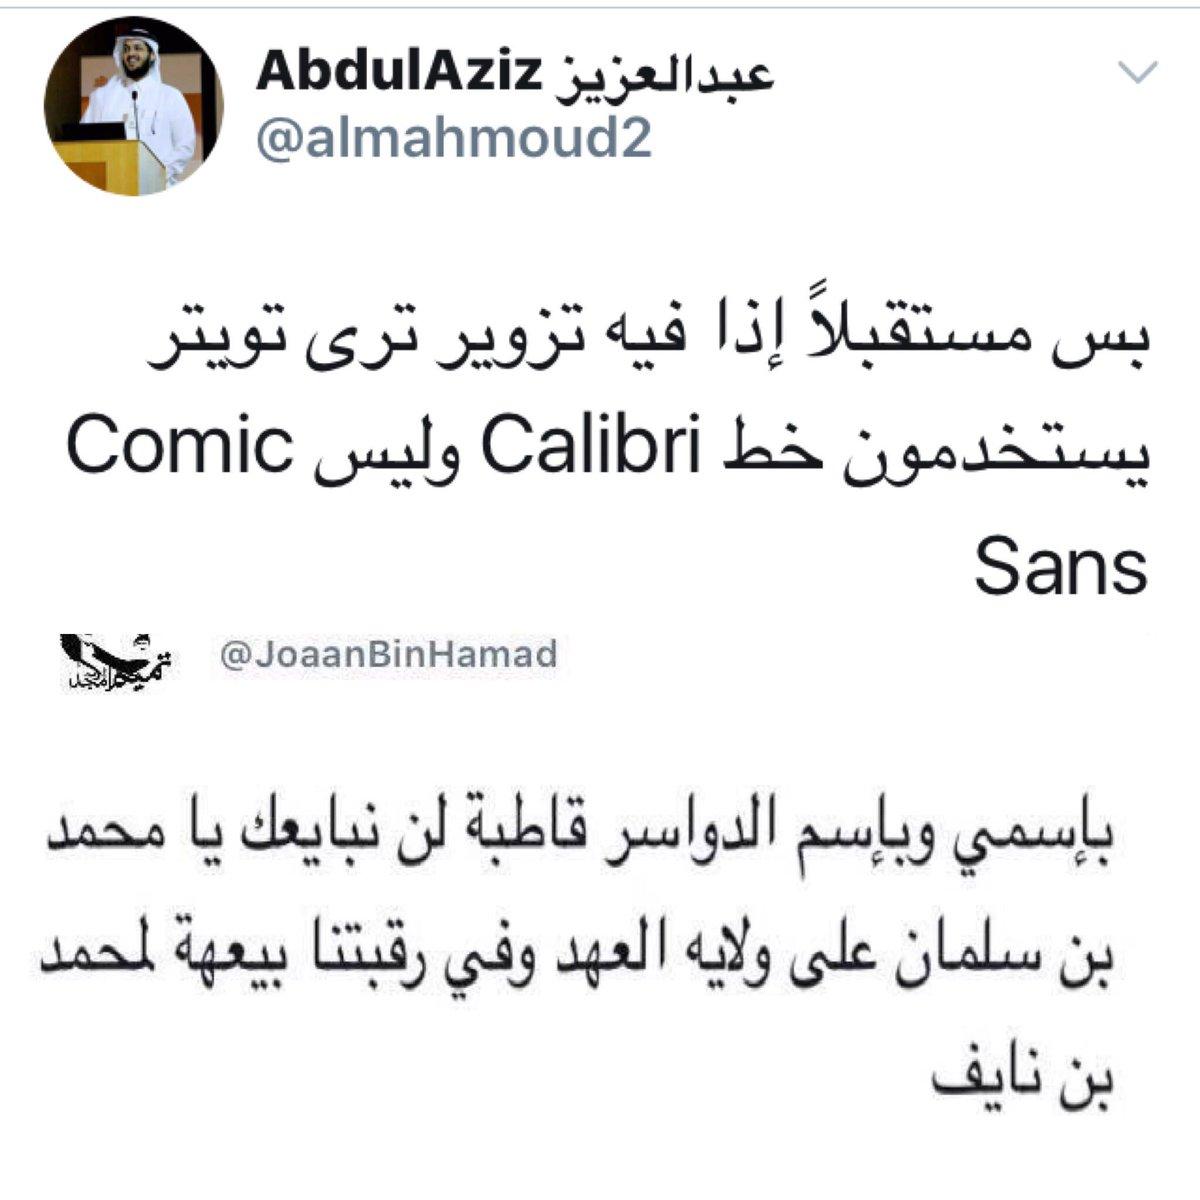 تغريدة مزورة بطريقة مضحكة 👇🏼  لا وبعد من طيبنا حاطين لكم نصيحة عشان تض...